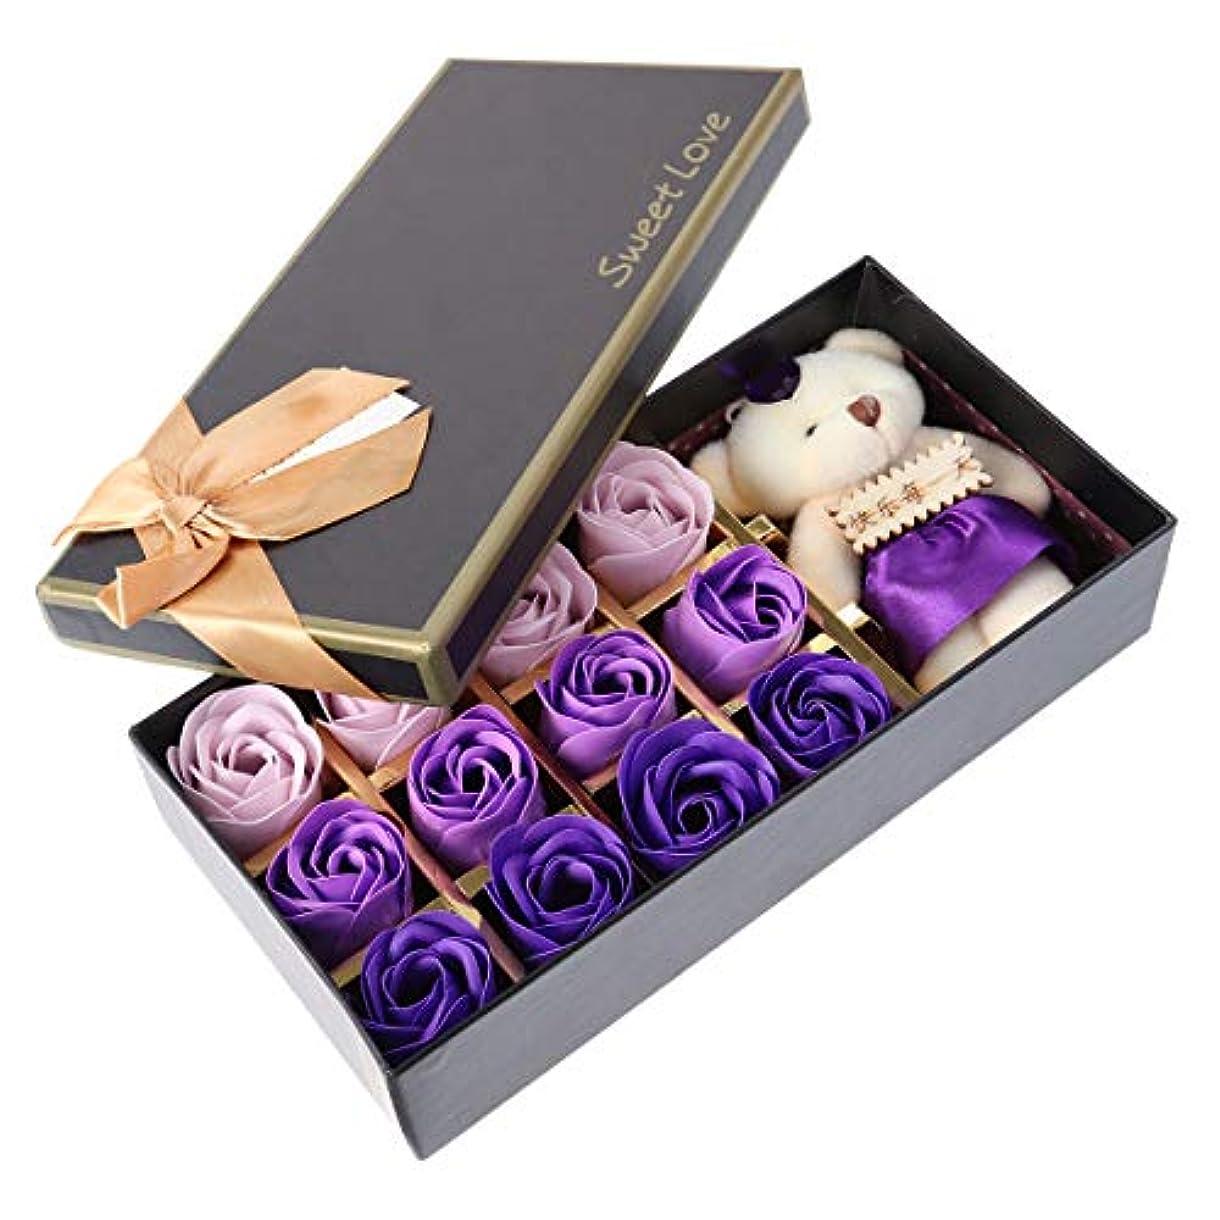 著作権安らぎクルーBeaupretty バレンタインデーの結婚式の誕生日プレゼントのための小さなクマとバラの石鹸の花